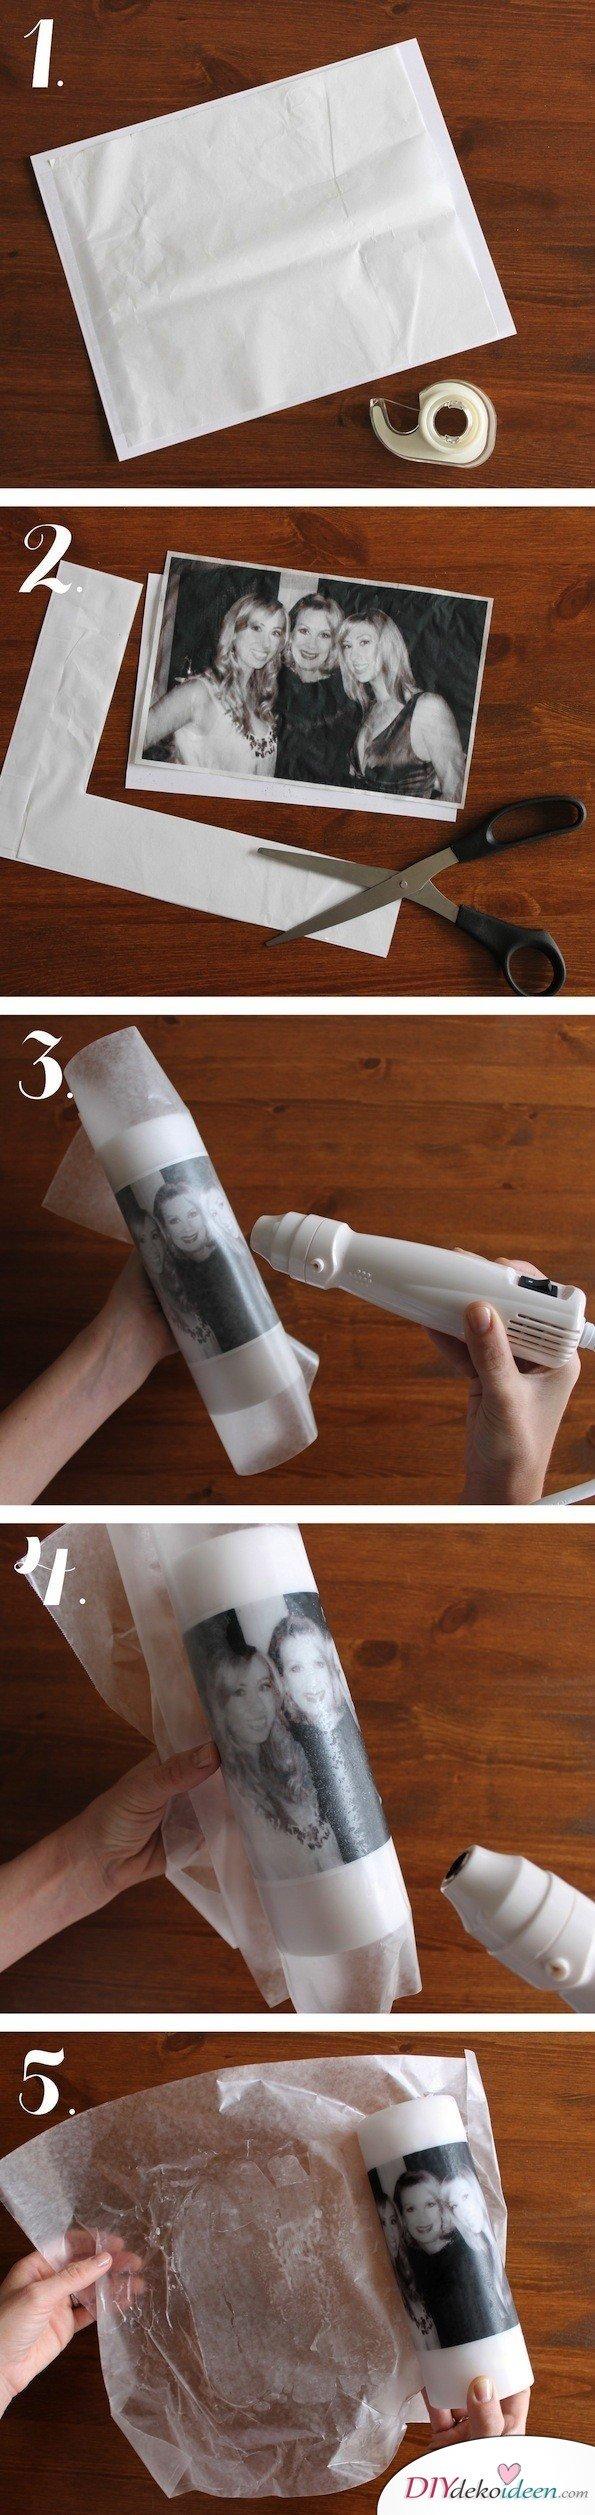 selbstgemachte Weihnachtsgeschenk Ideen- Kerze mit Bild